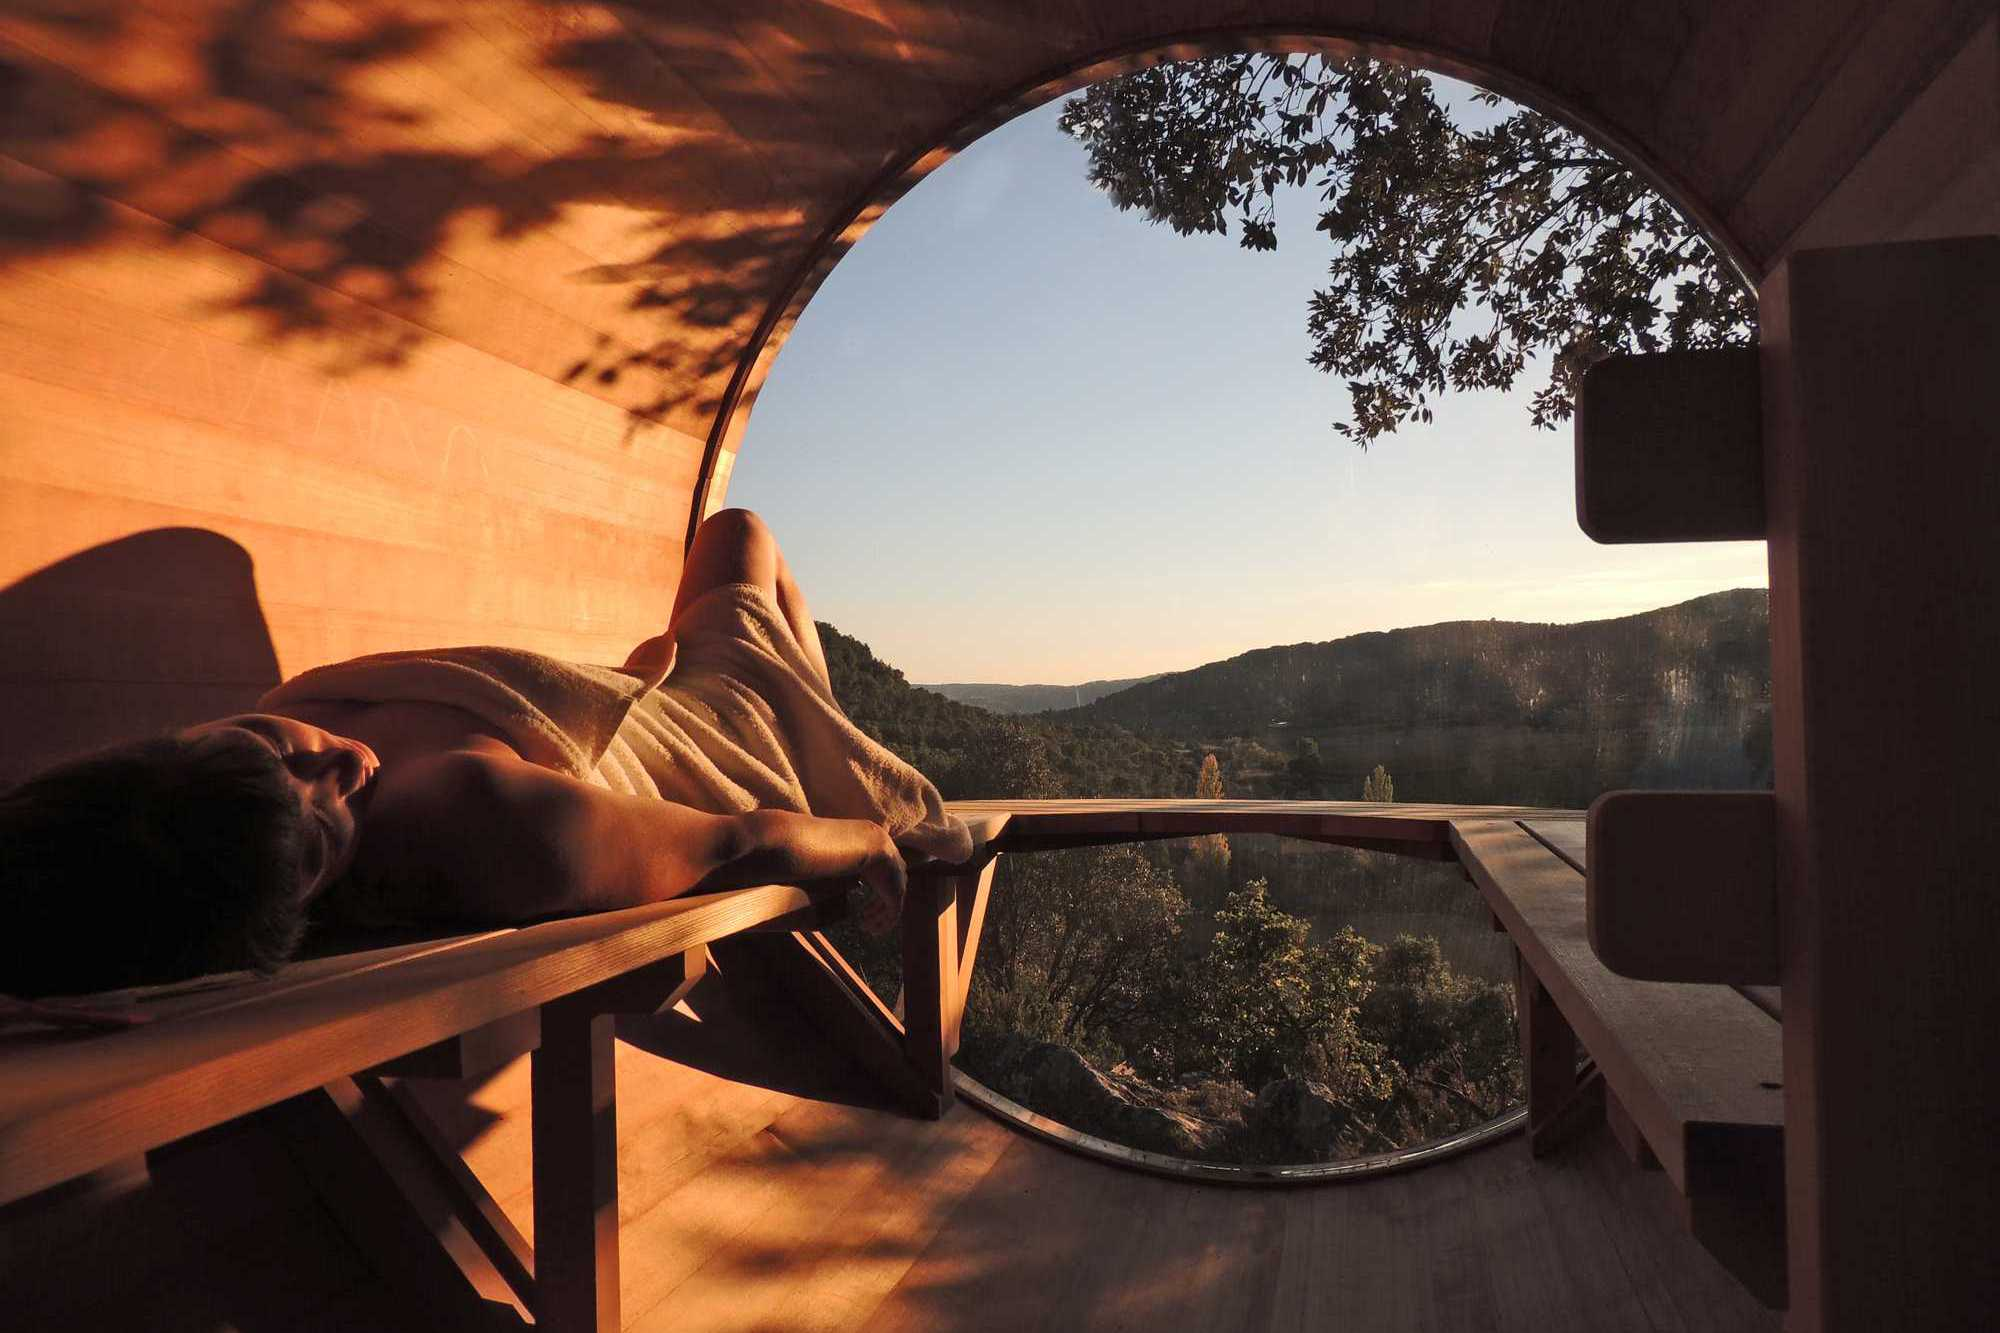 domaine sevenier camping 5 etoiles ardeche spa galerie photo 22 1 - domaine-sevenier-camping-5-etoiles-ardeche-spa-galerie-photo-22